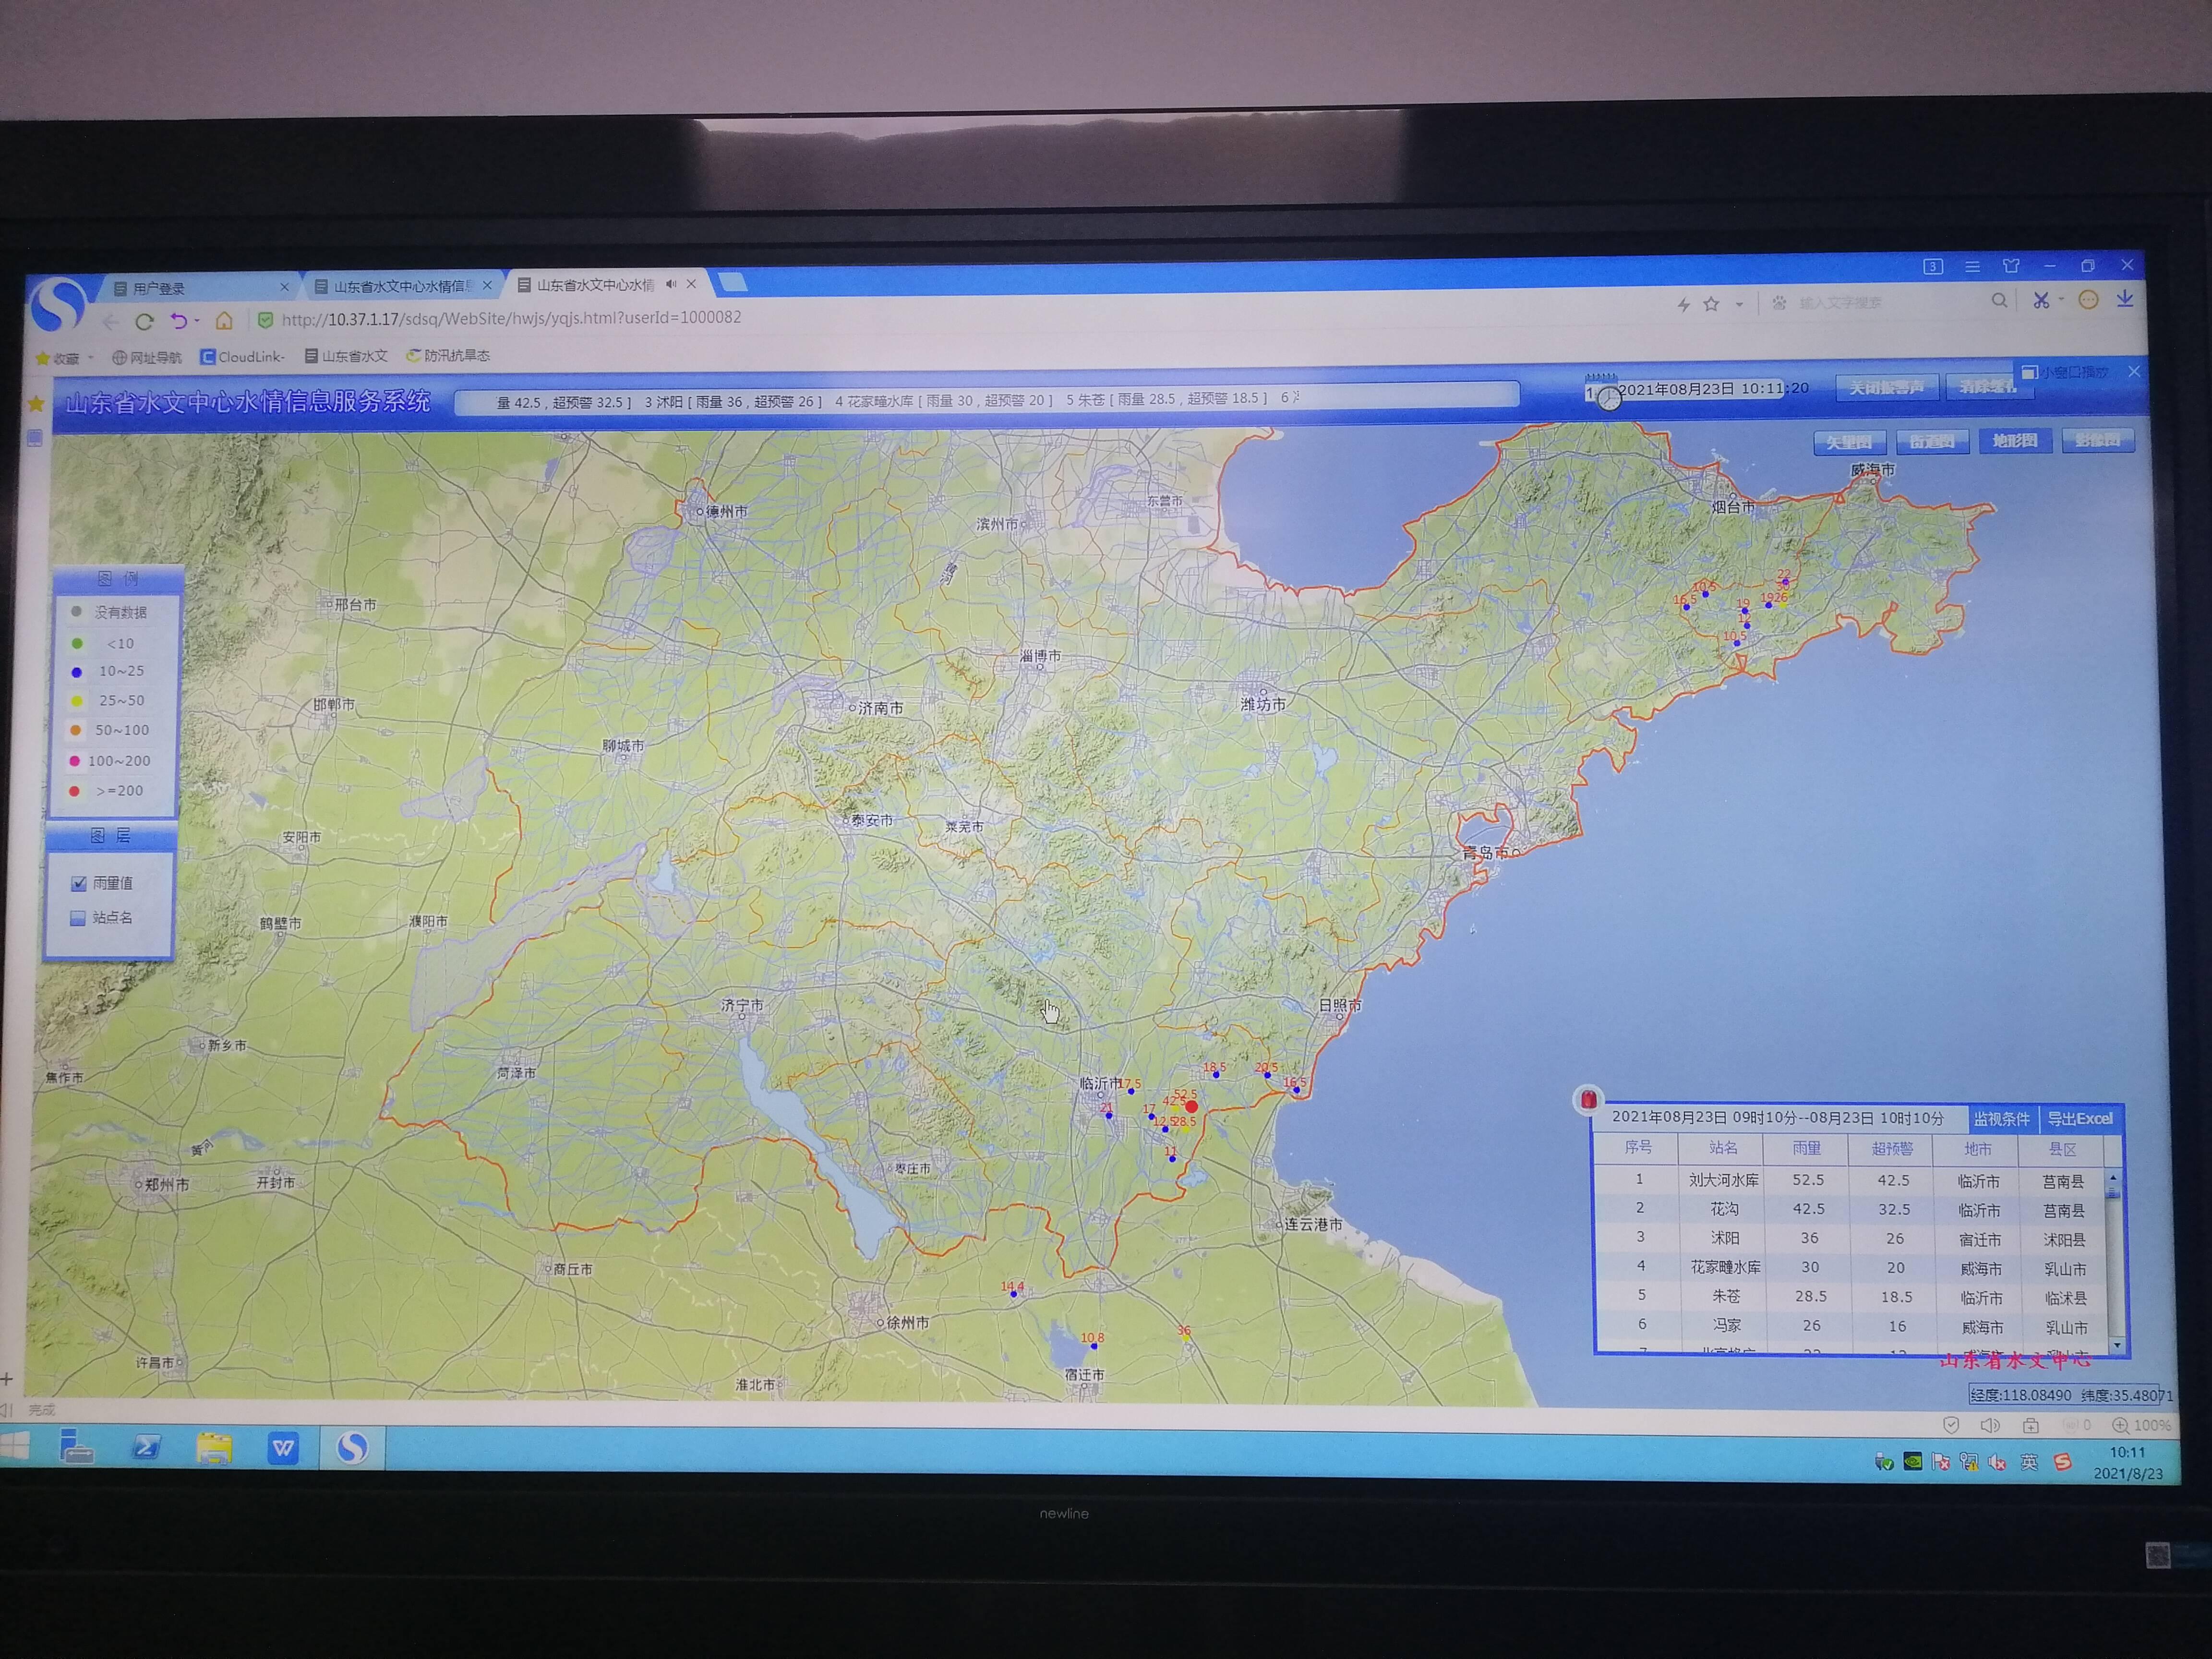 22日8时至23日8时山东河道湖库水情和水利工程平稳 省水利厅督促指导这四市做好重点盯守